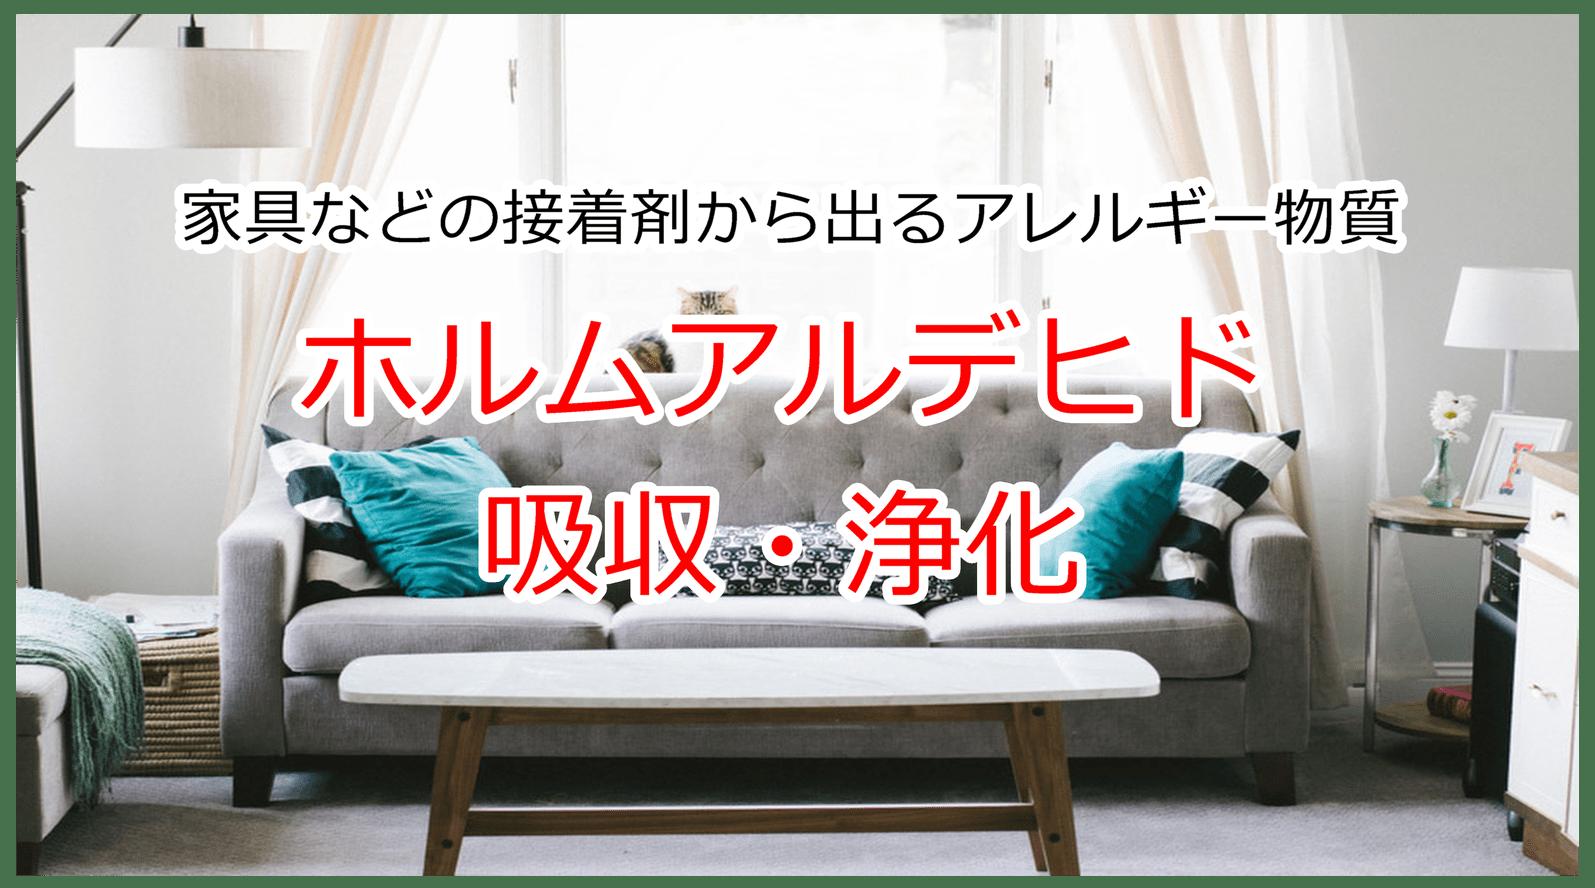 家具などの接着剤から出るアレルギー物質ホルムアルデヒドを吸収・浄化